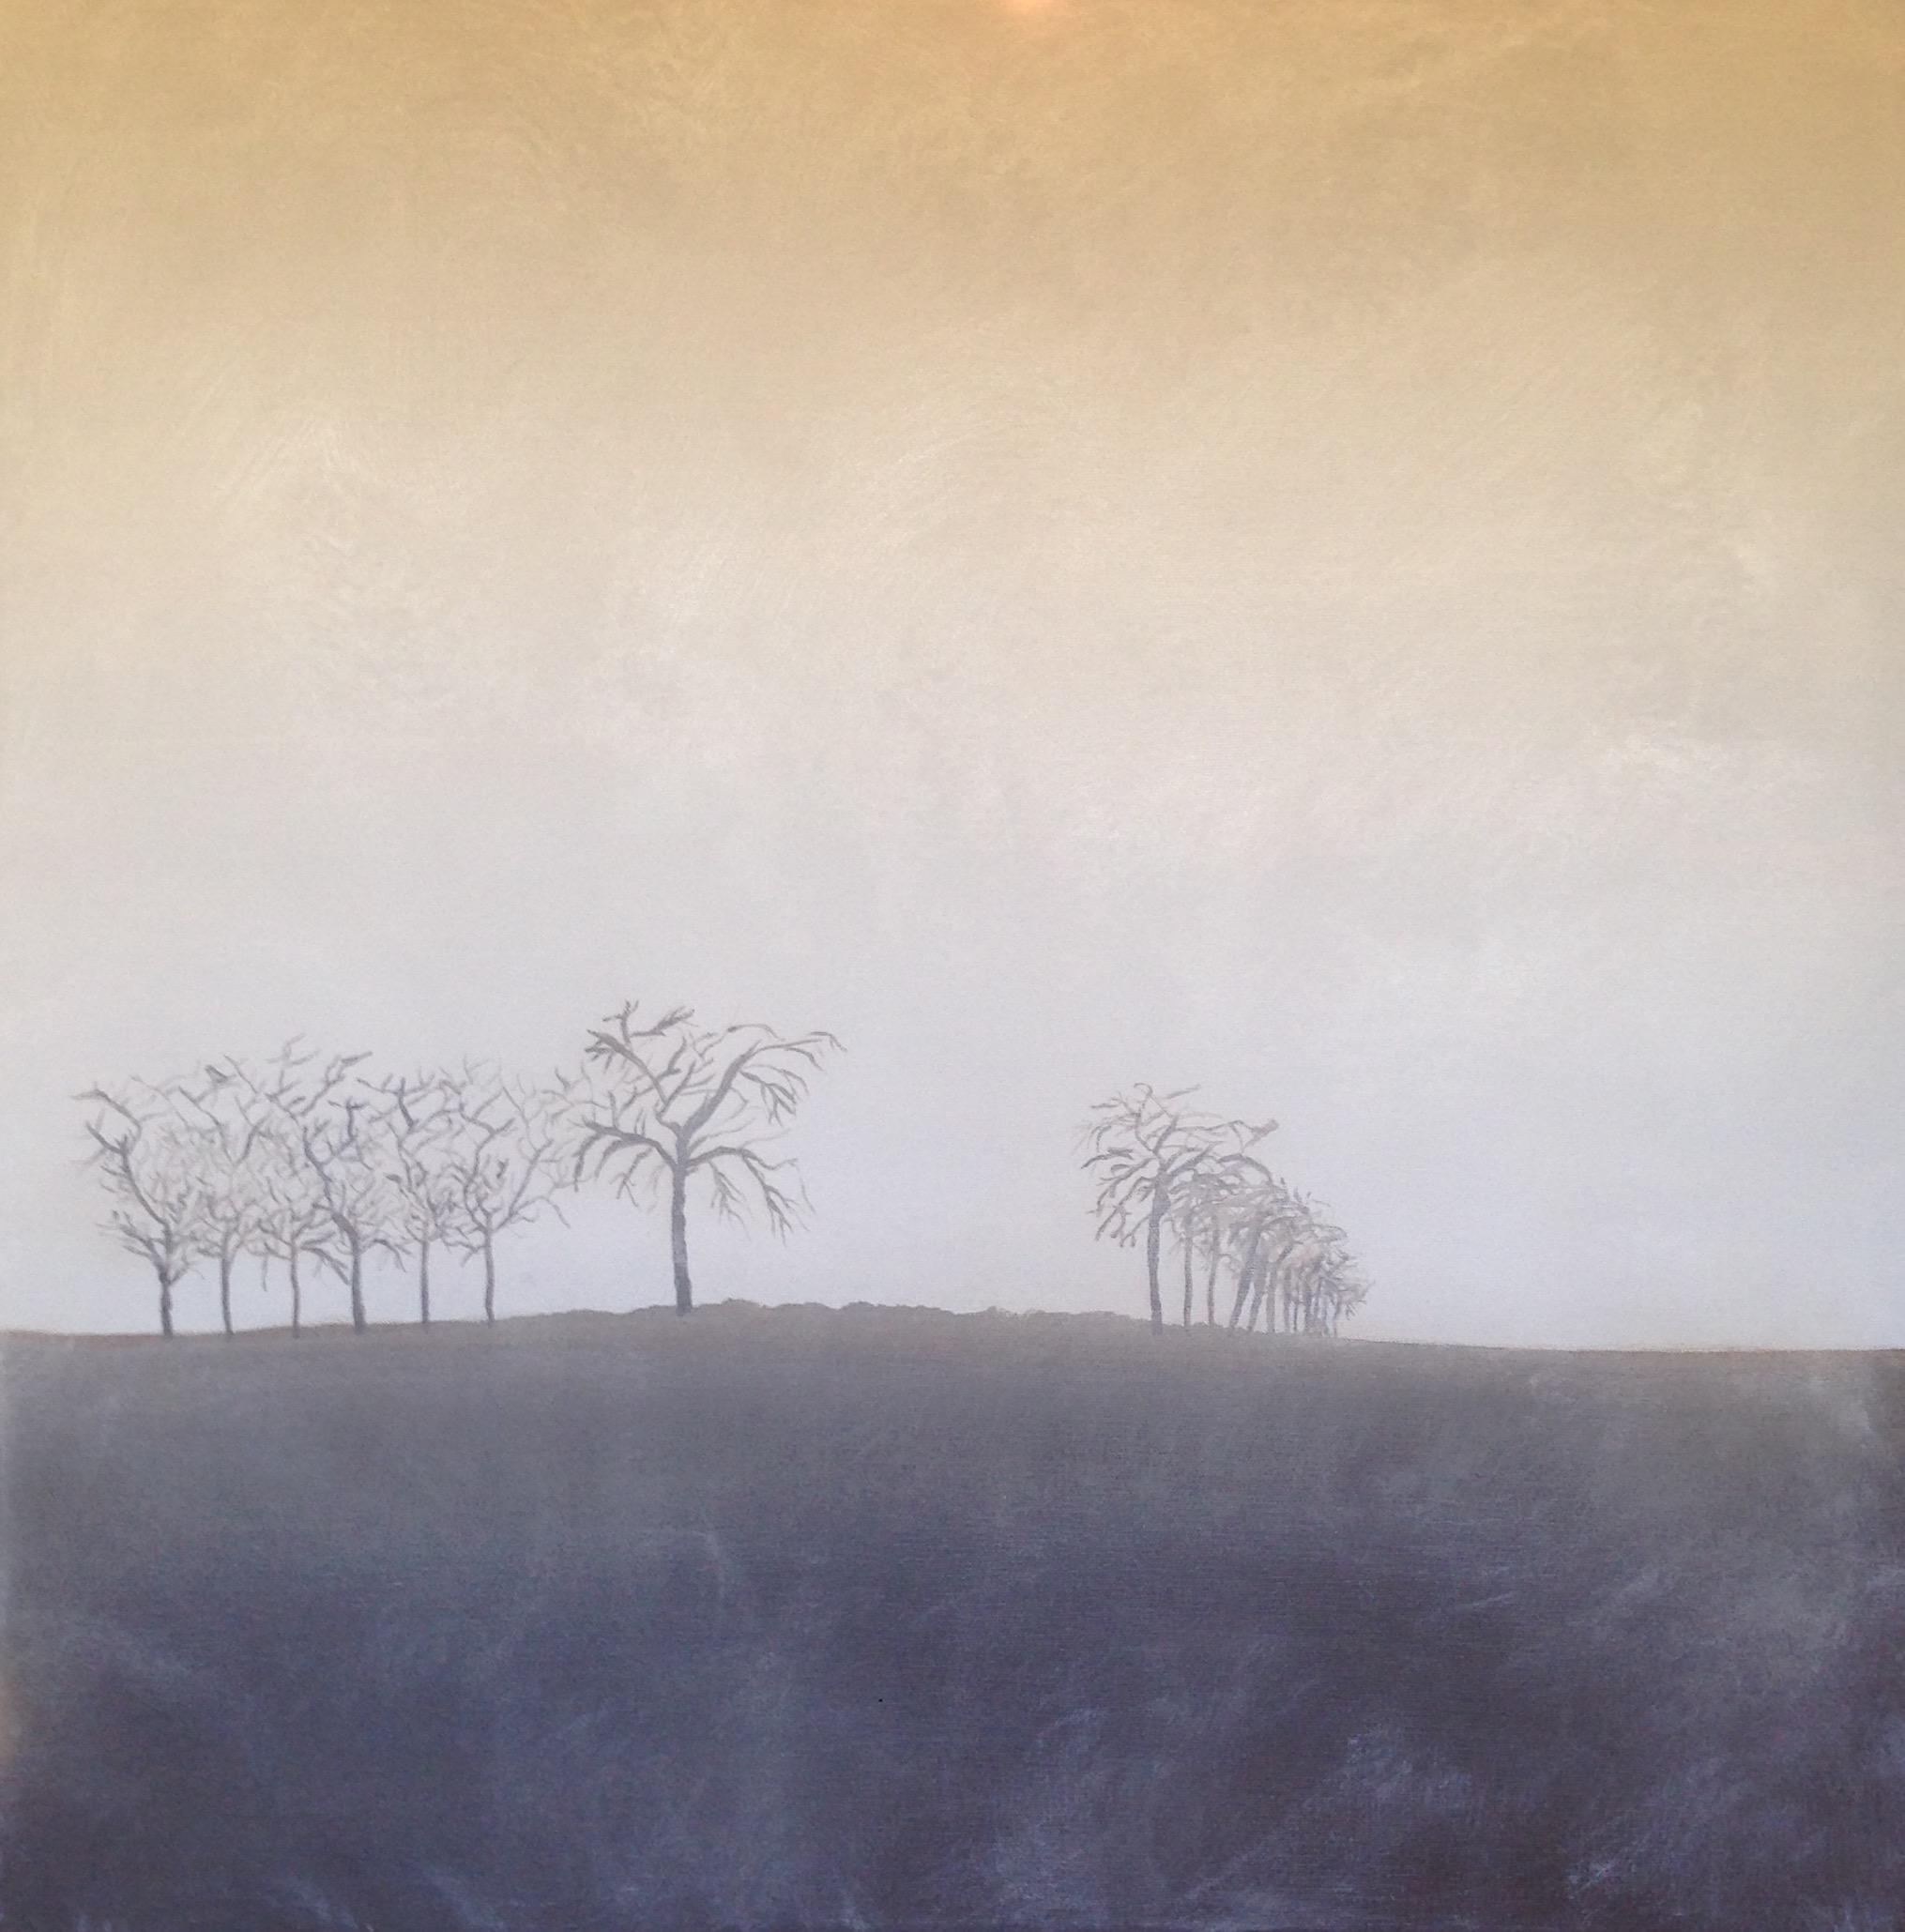 Ladner Fog